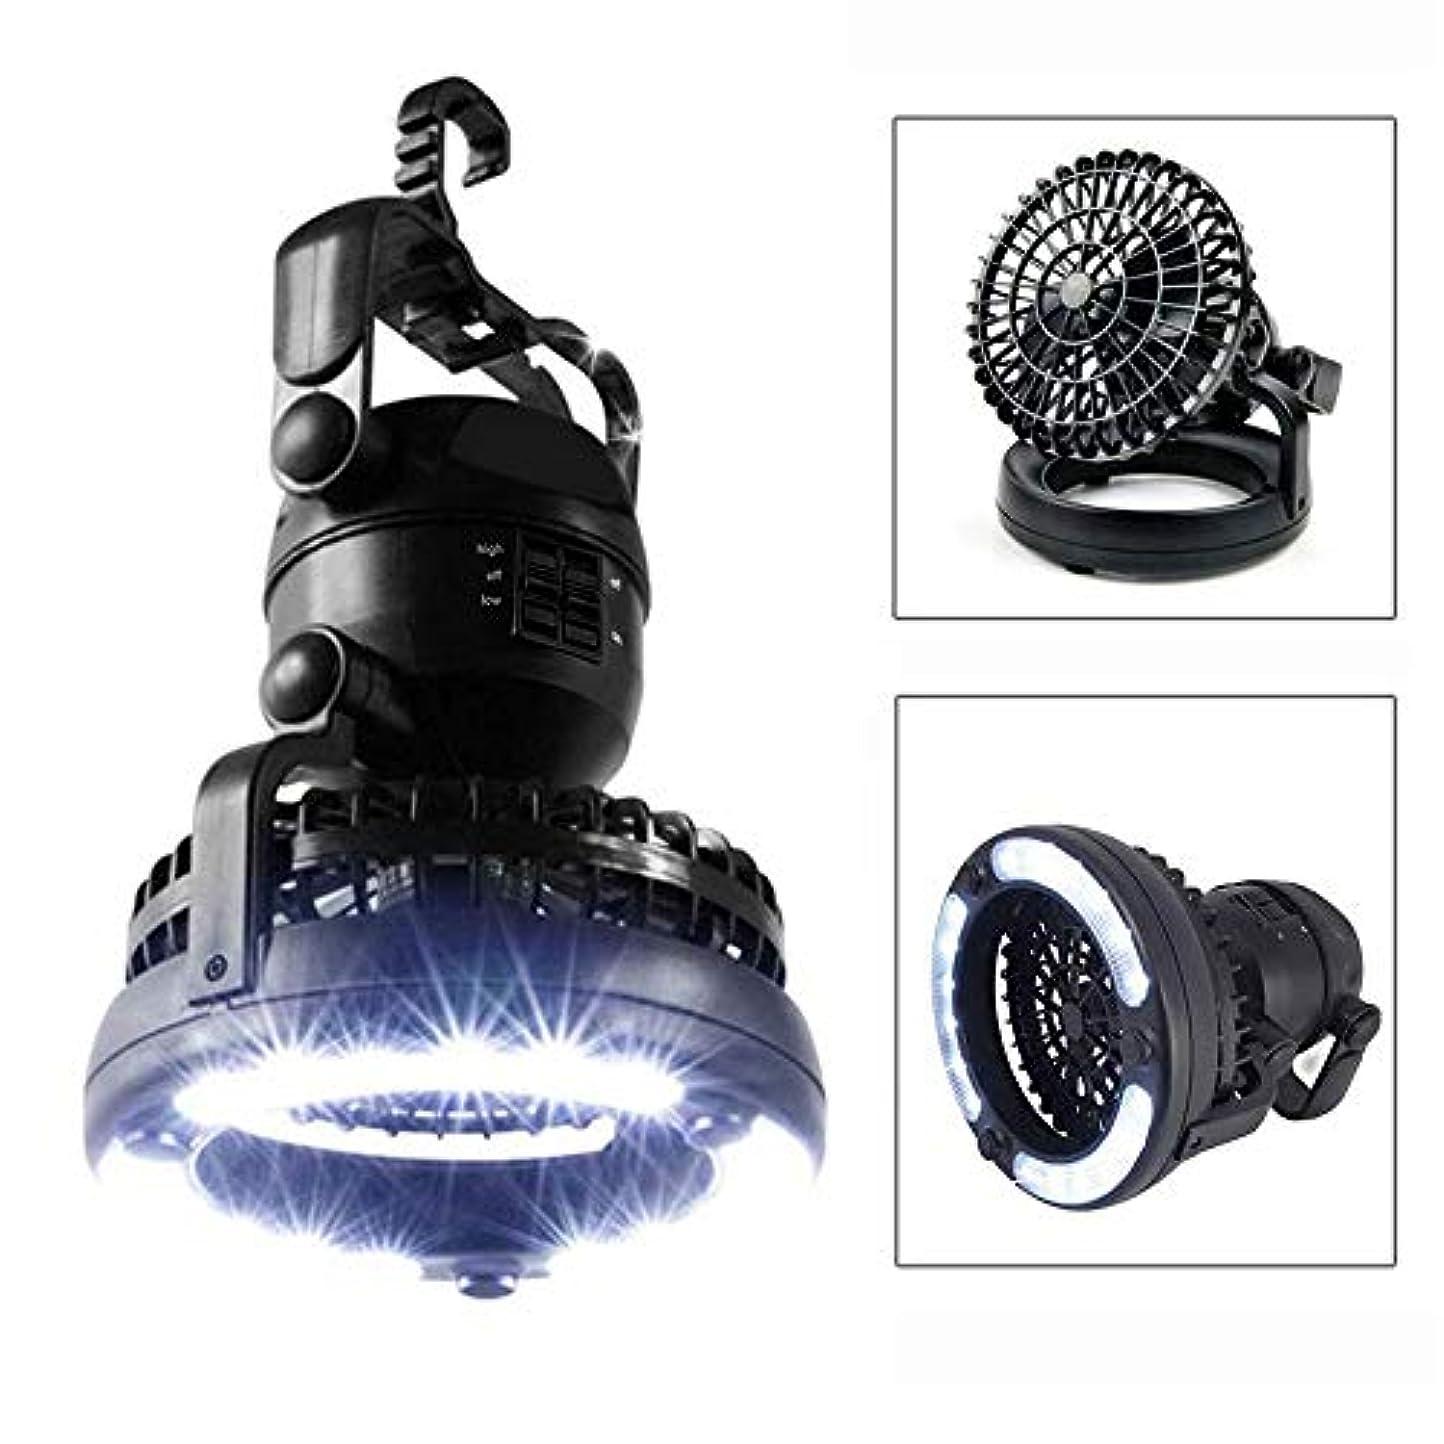 LEDキャンプランプ、LED懐中電灯の天井ファンが付いている1つの携帯用ランタン360回転停電のための防水防風電池式の非常灯ハイキング、緊急グリル